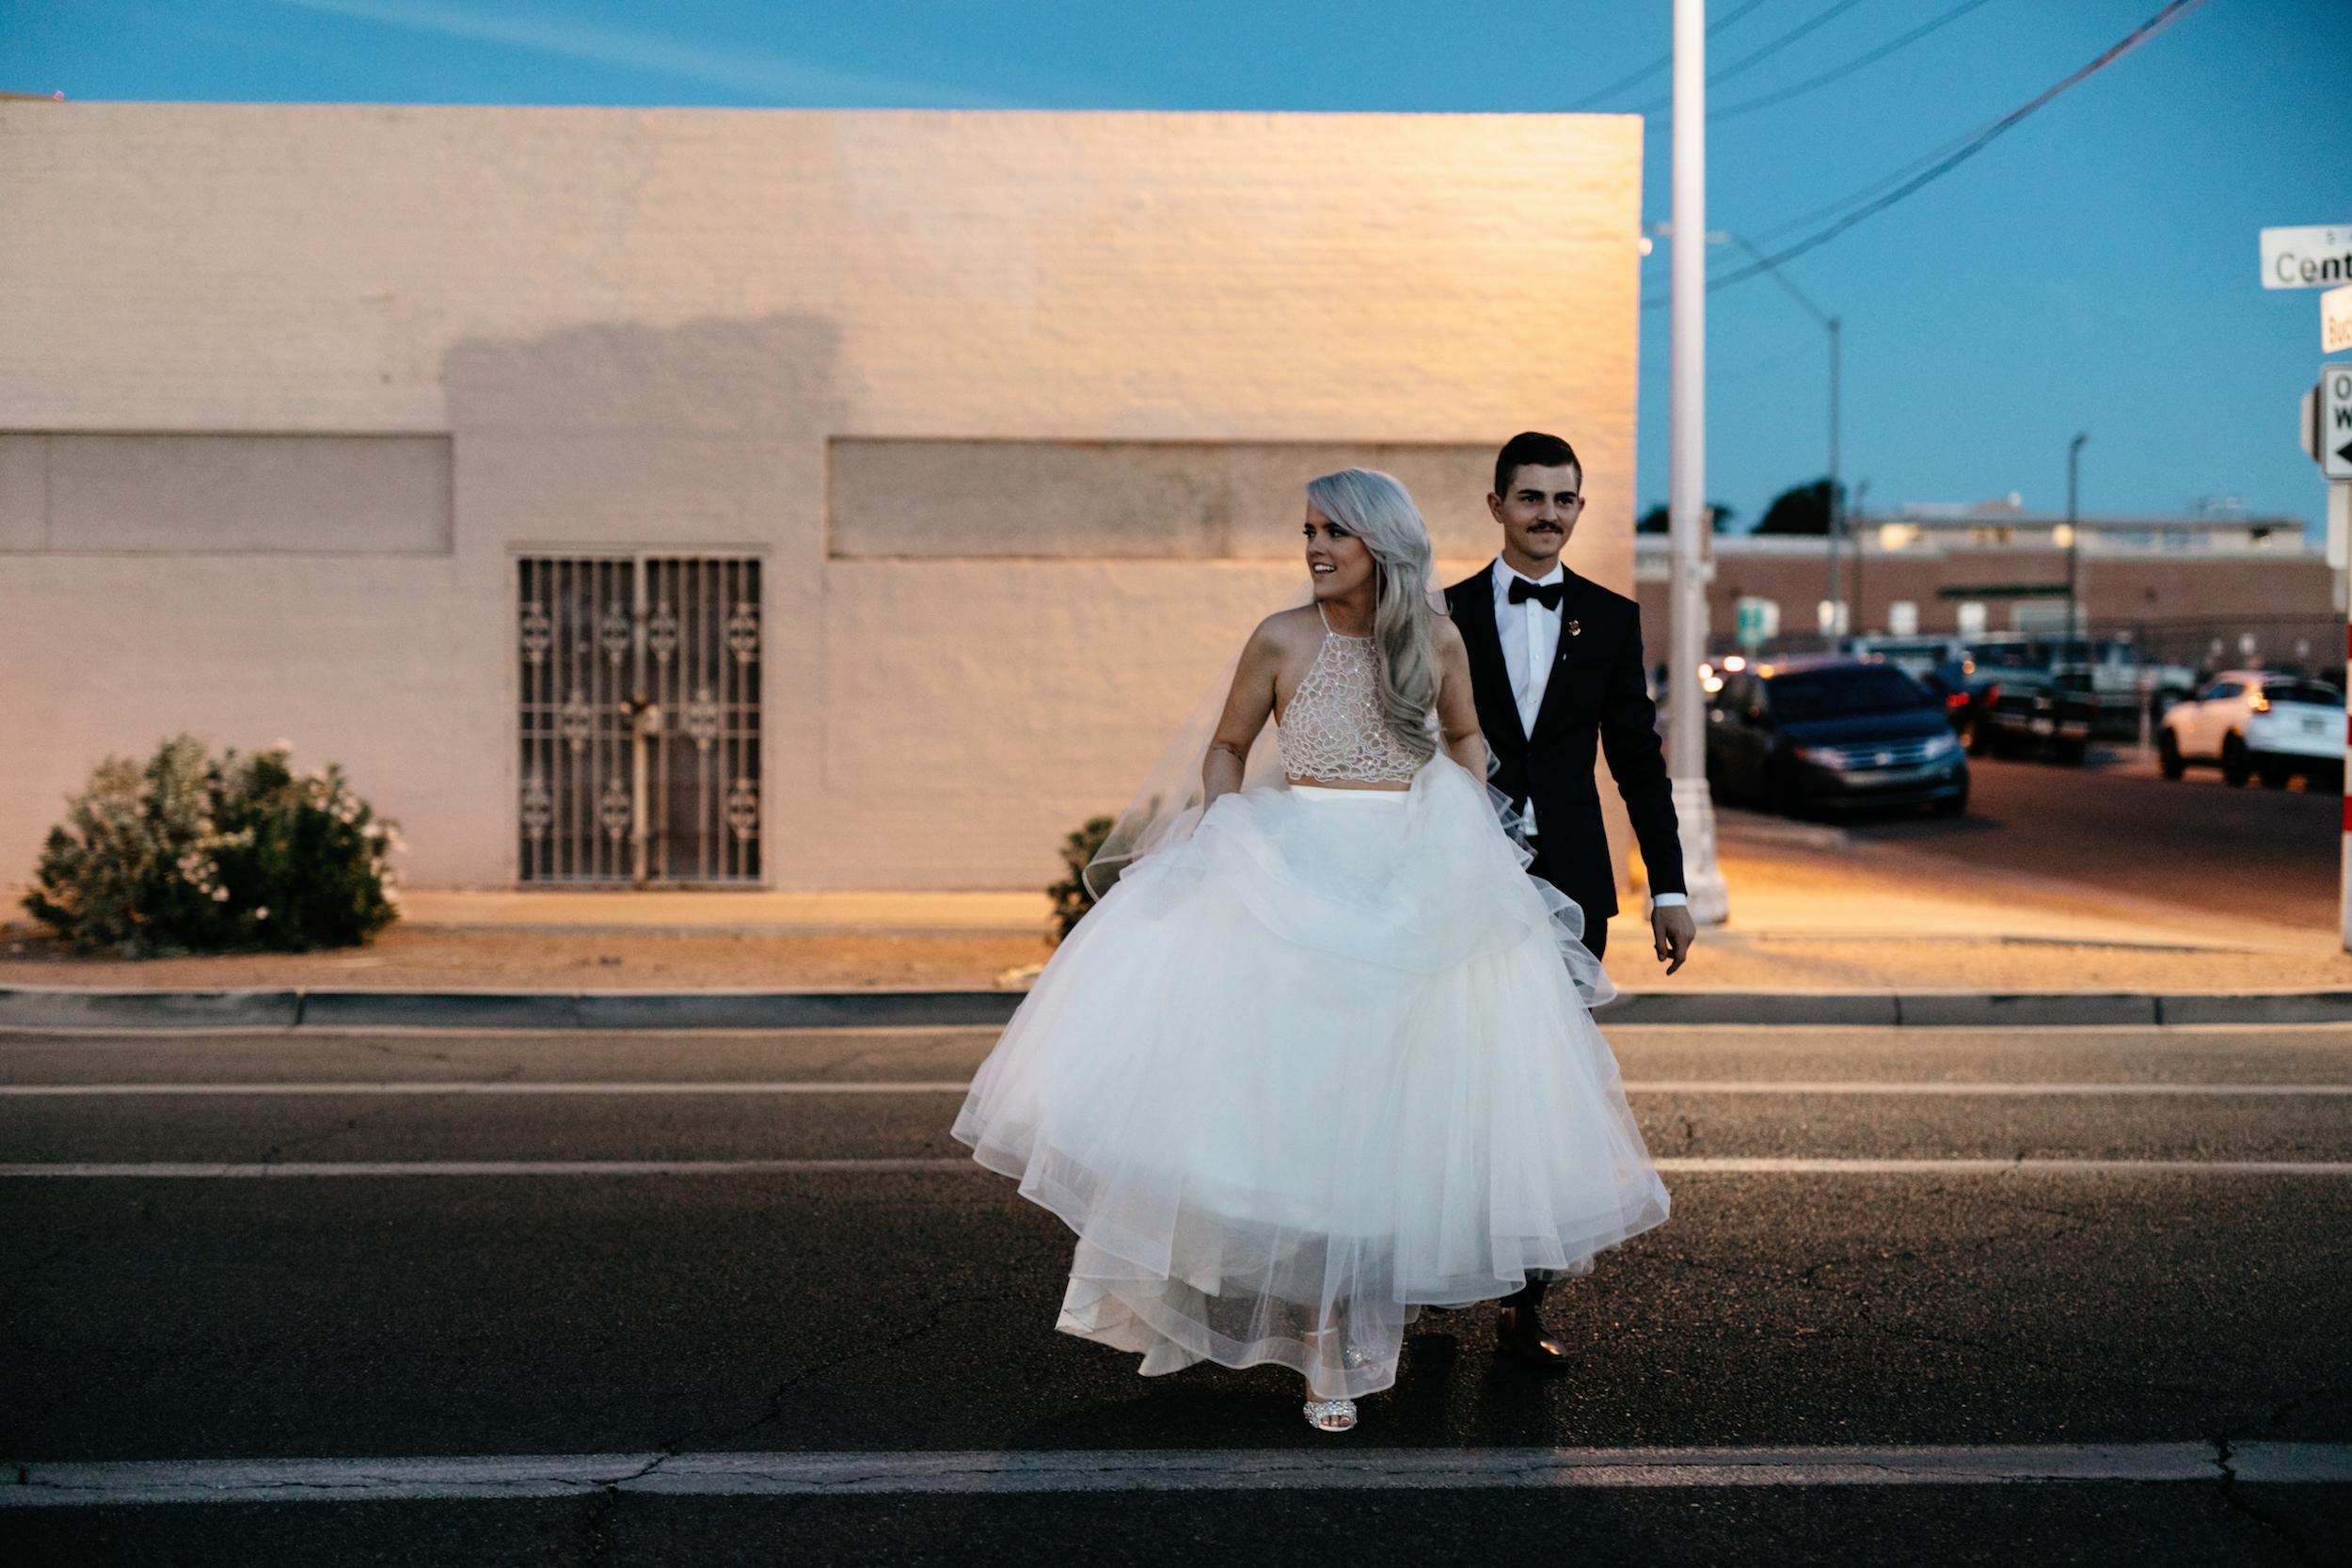 arizona - wedding - photography 01704.jpg